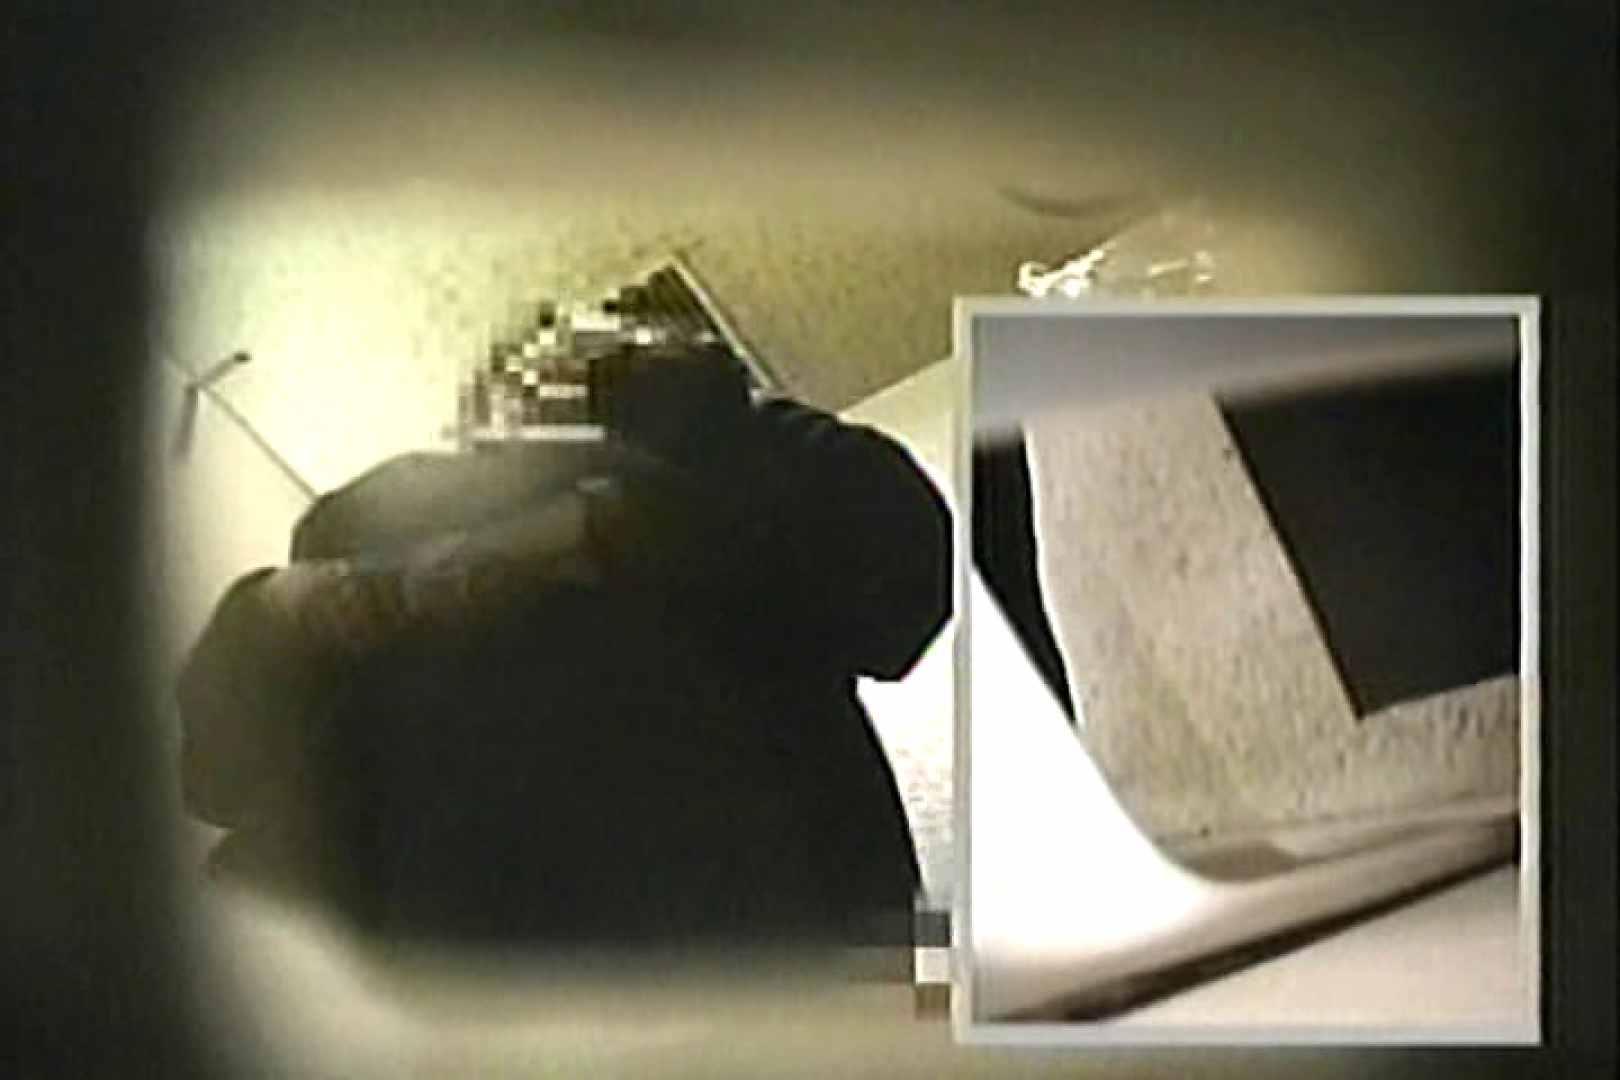 女子洗面所盗撮 今度の2カメは若い子だらけ  TK-127 マルチアングル 盗み撮り動画キャプチャ 62pic 54